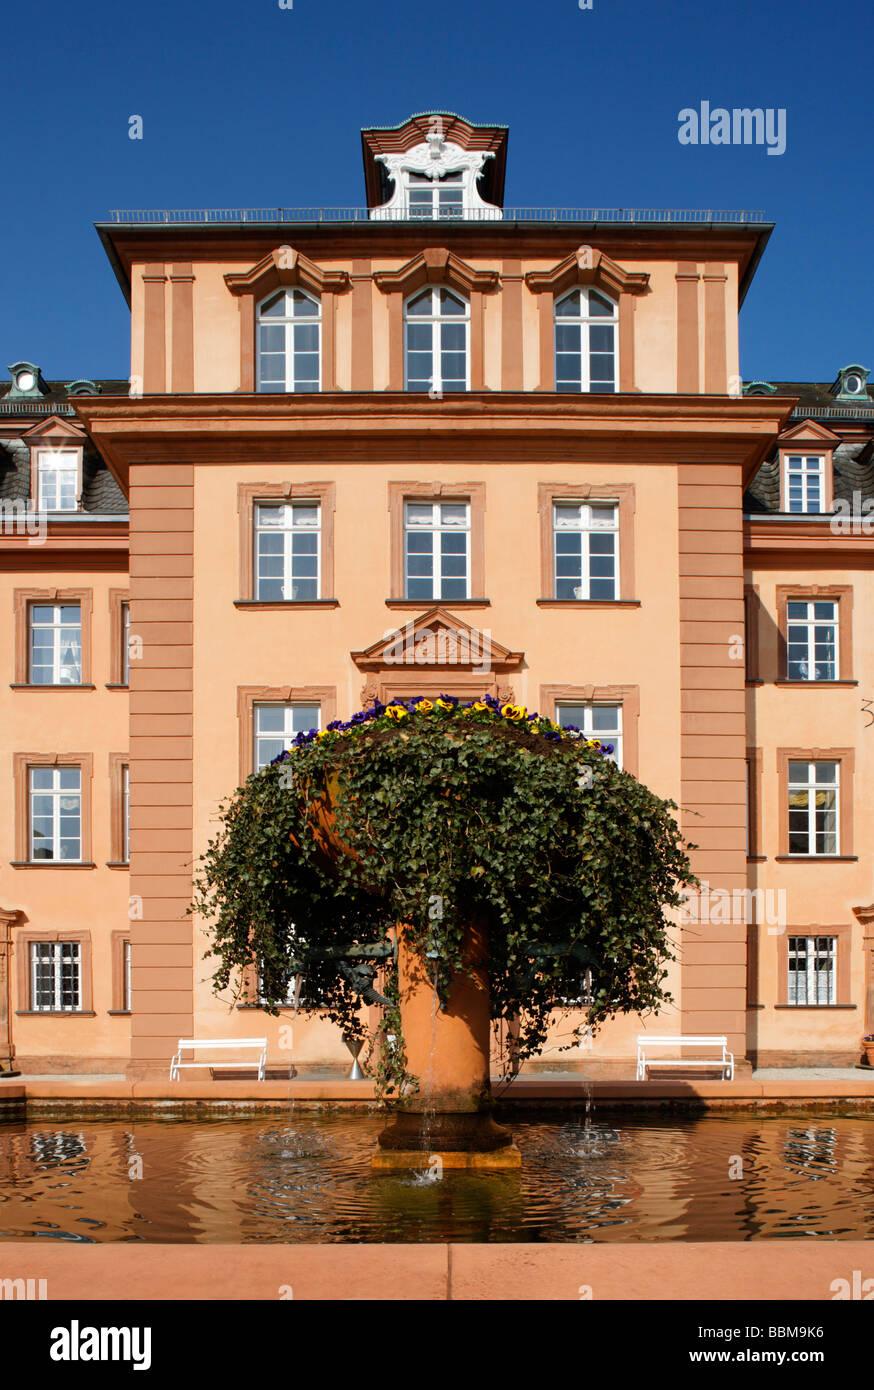 District Of Siegen Wittgenstein Stock Photos & District Of Siegen ...